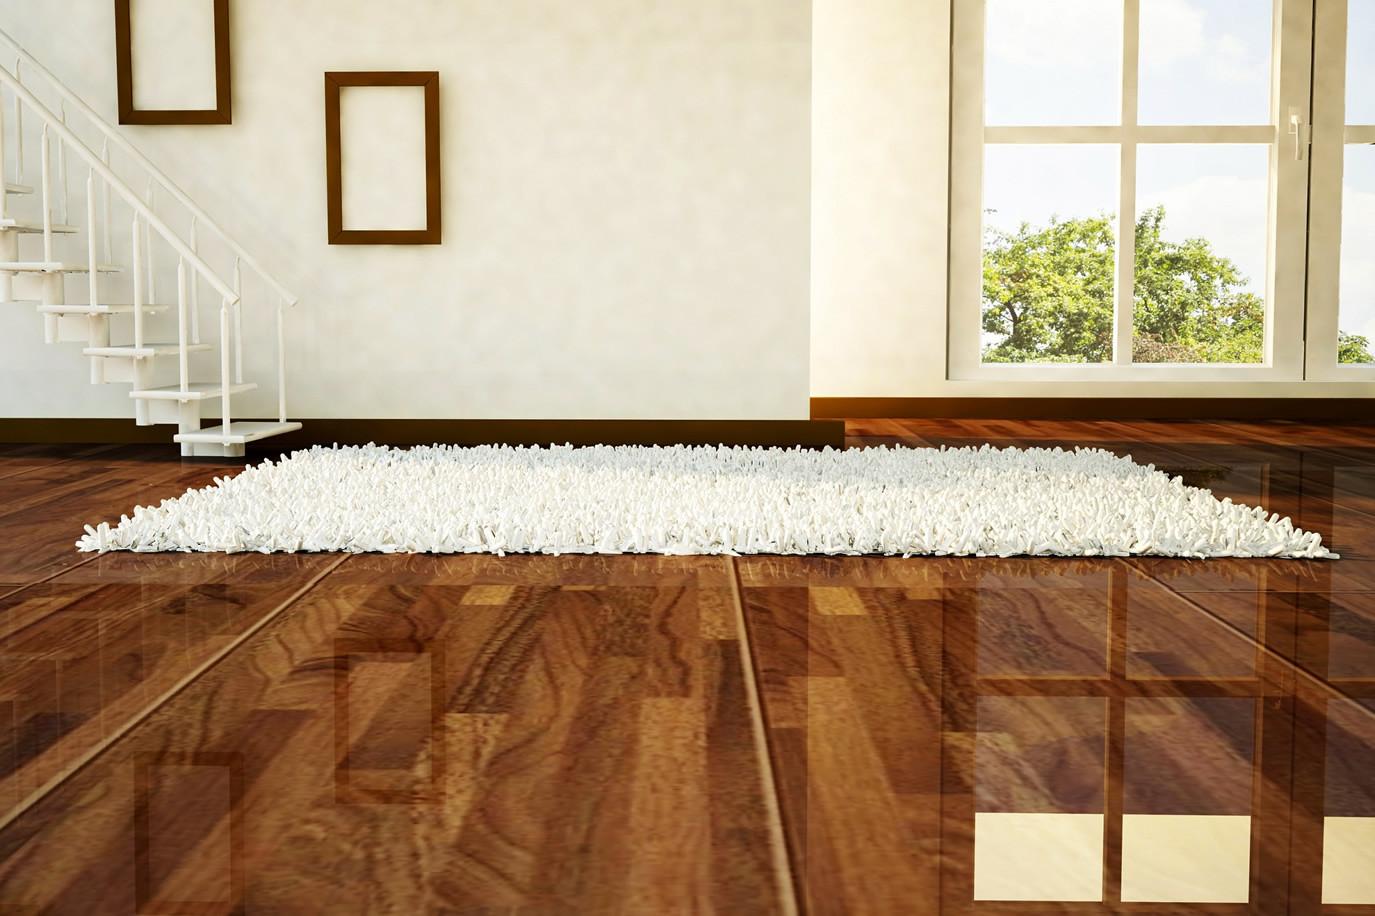 22 Fashionable Hardwood Floor Refinishing Moorestown Nj 2021 free download hardwood floor refinishing moorestown nj of hardwood floor cleaning nj no dust wood floor refinishing for wood floor cleaning